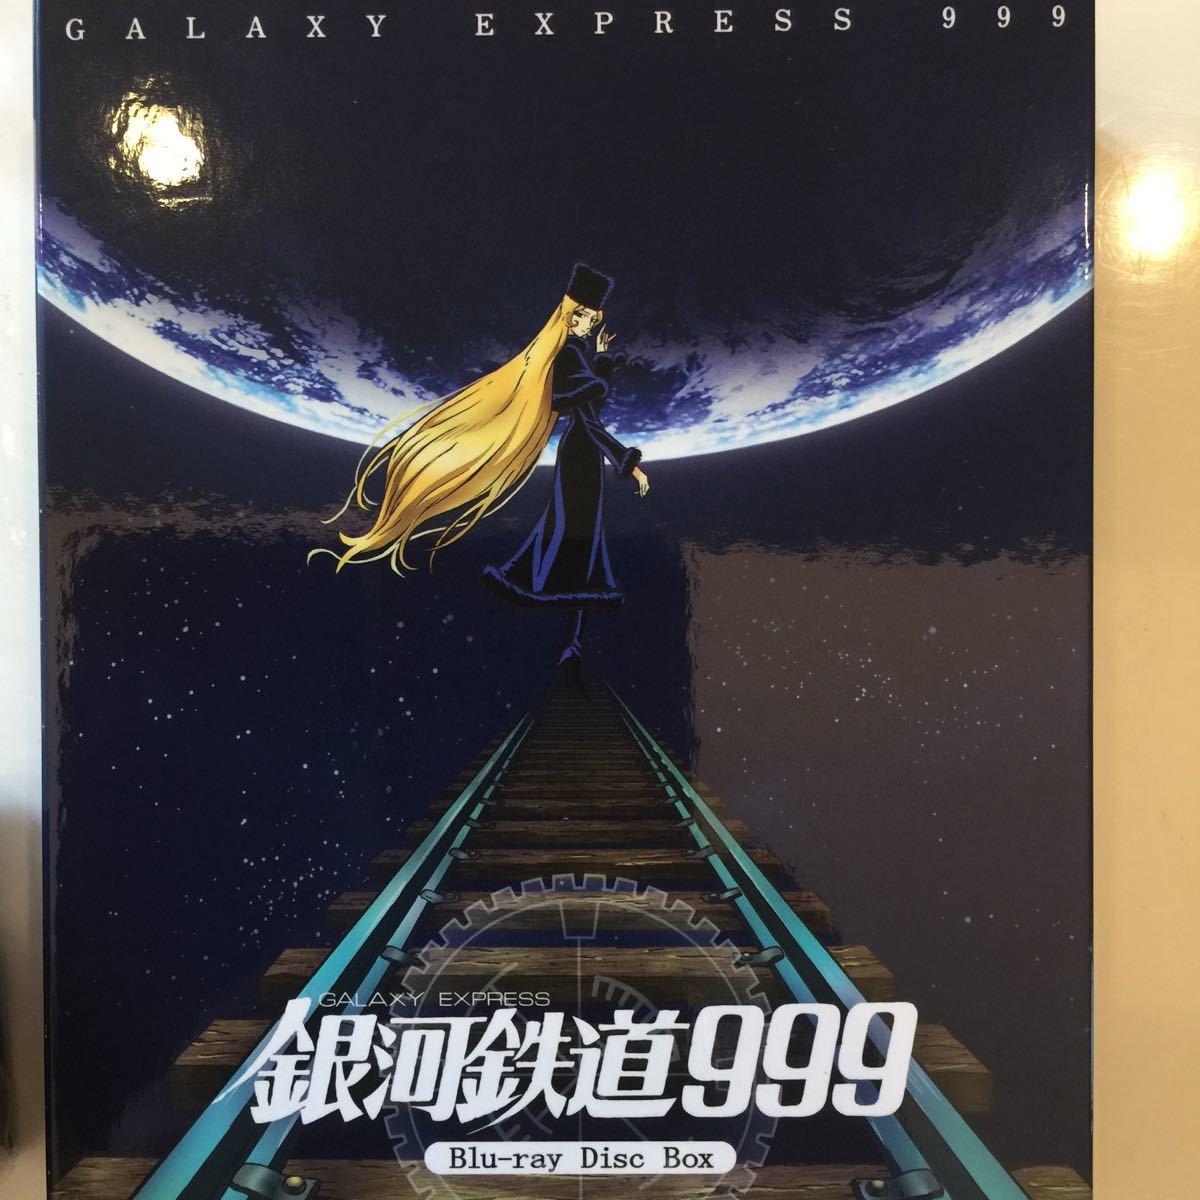 銀河鉄道999 Blu-Ray Box 初回生産限定